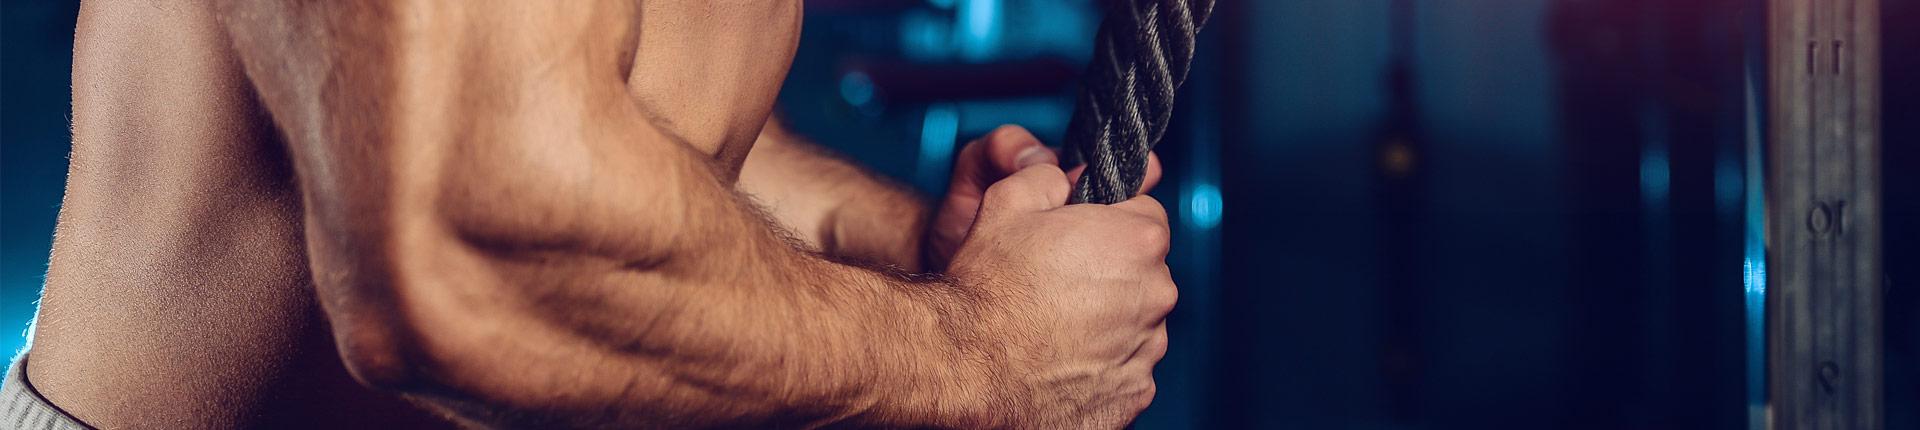 Adaptacja treningowa, co powinieneś wiedzieć?